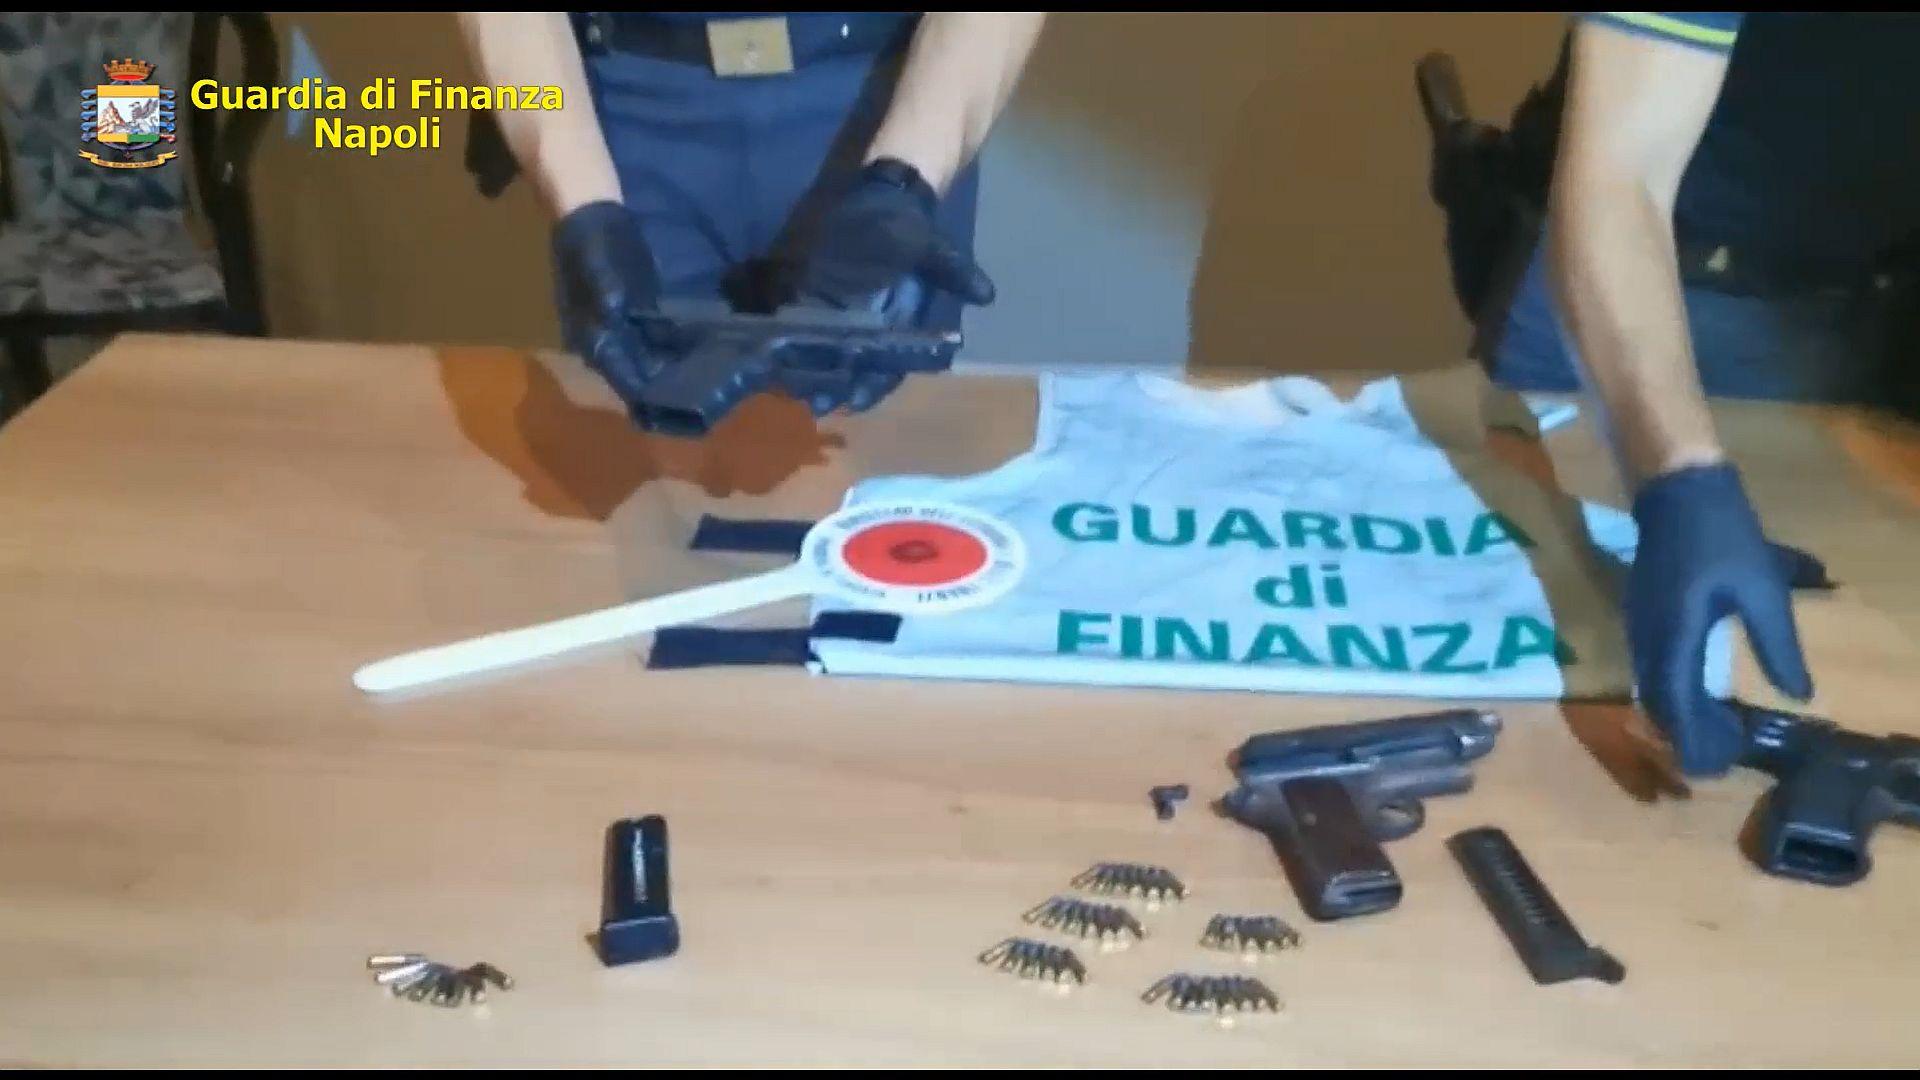 Guardia di Finanza in azione a Ponticelli: scoperte pistole e munizioni, nascoste nell'intercapedine di una porta